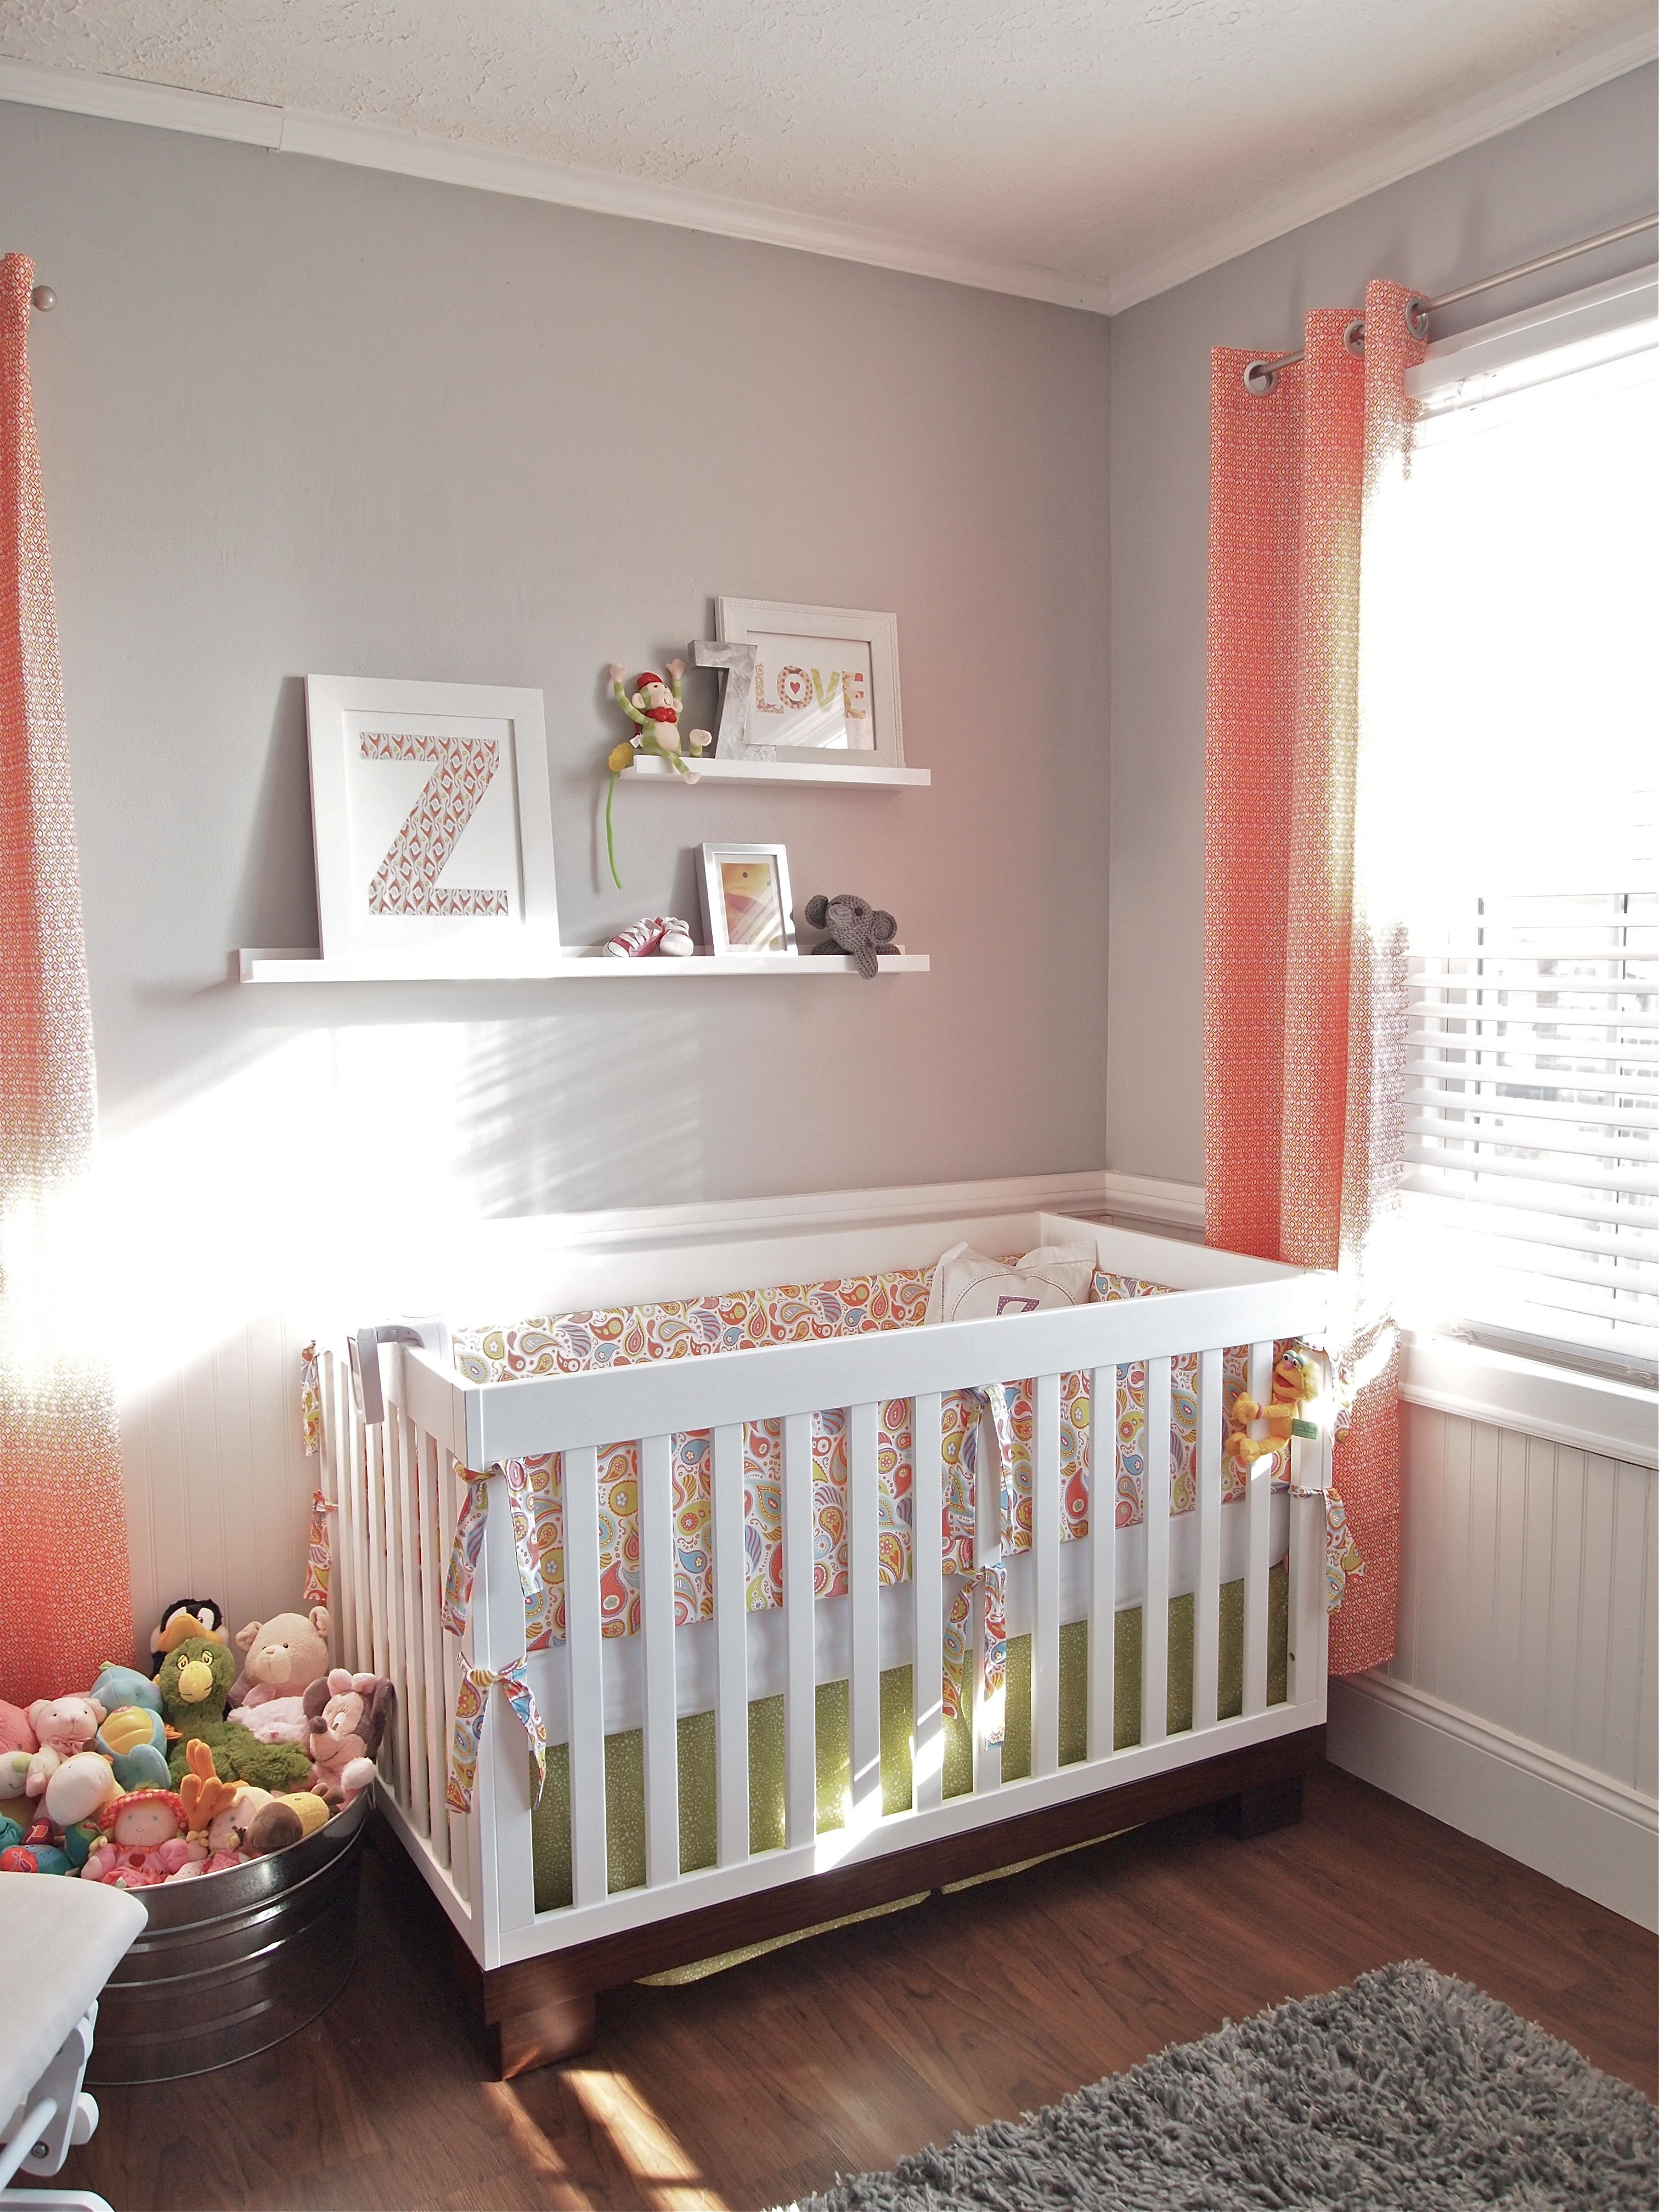 habitacin beb en gris y rosa el color gris un tono bastante olvidado en la decoracin infantil pero que sabiamente combinado produce un bonito - Decoracion De Habitaciones De Bebes